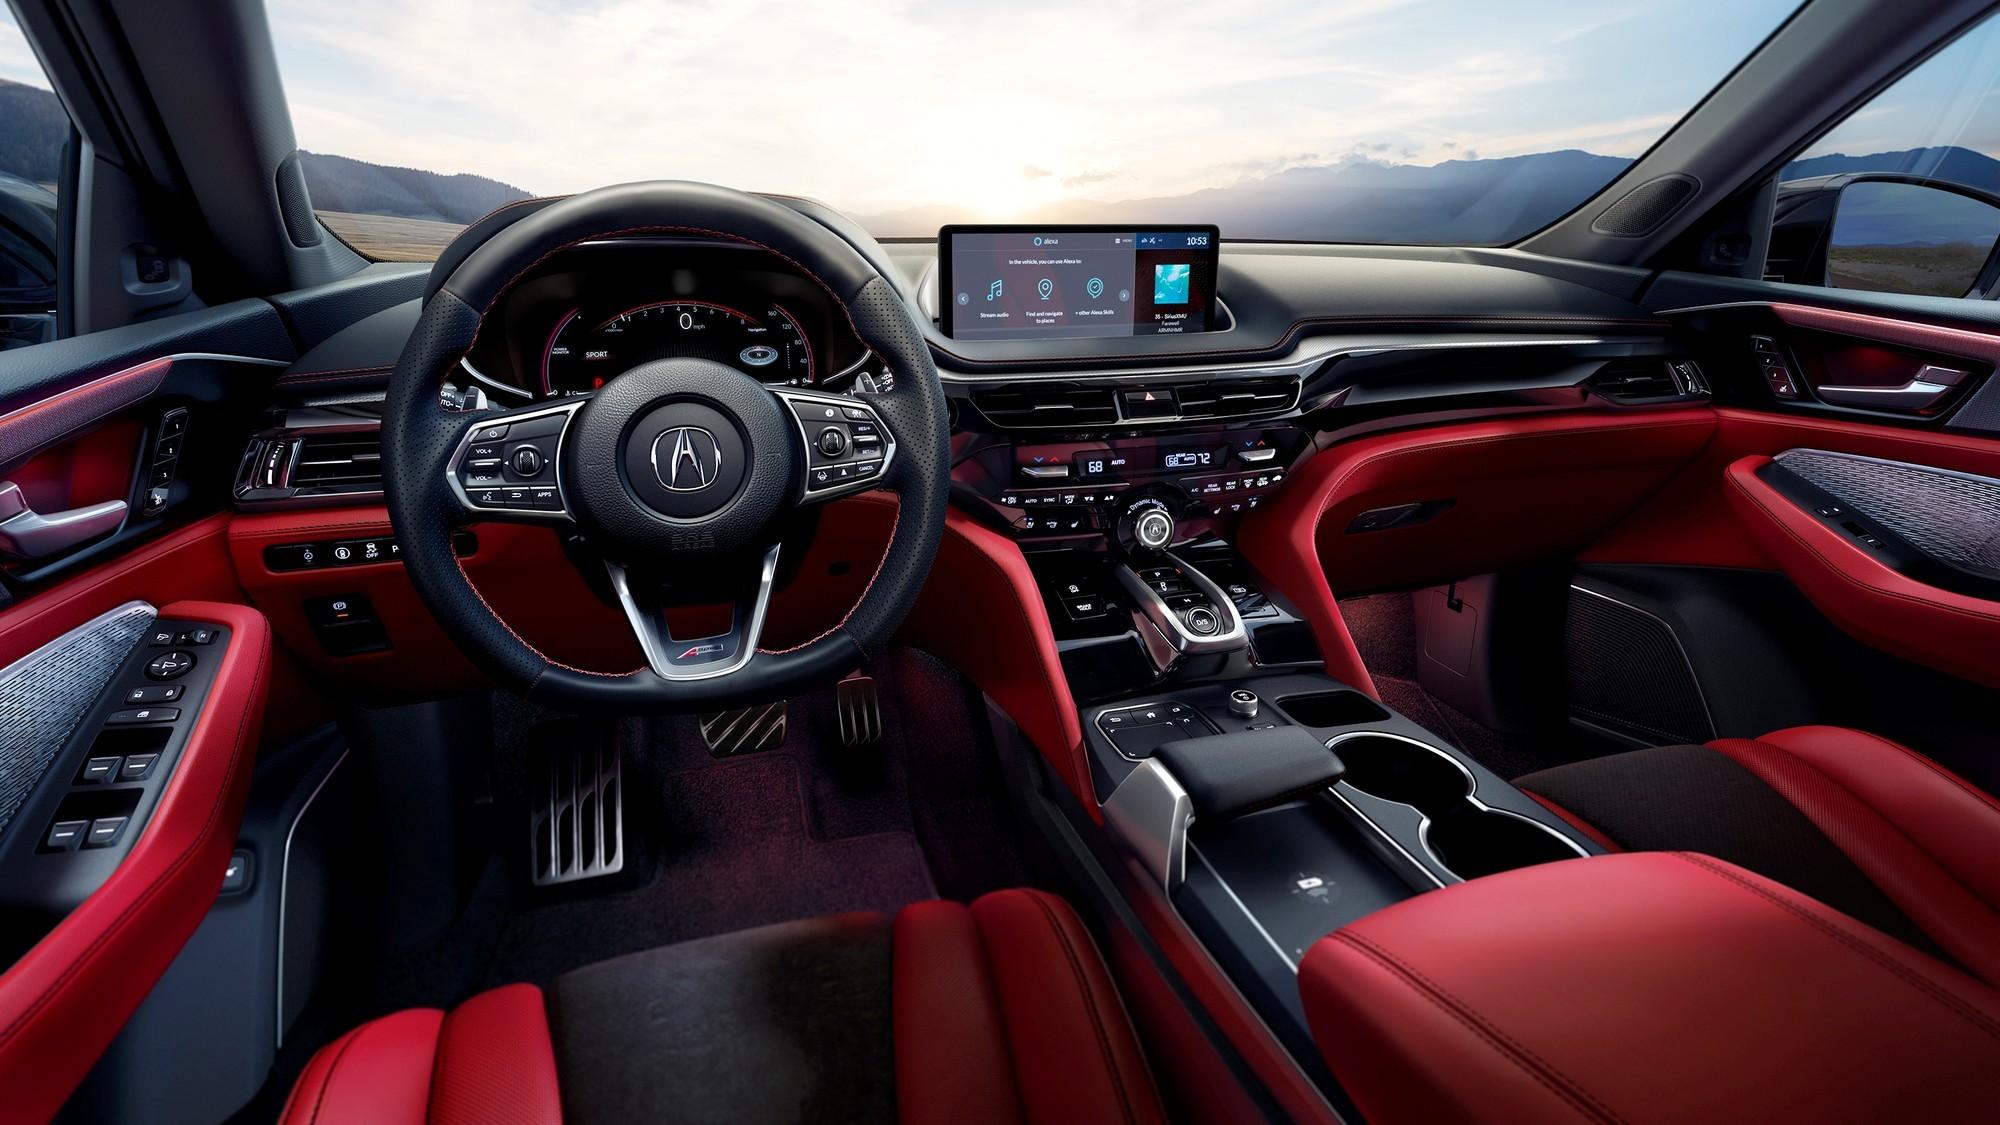 Новый Acura MDX: сохранённая сложность, более просторный салон и никакой гибридизации